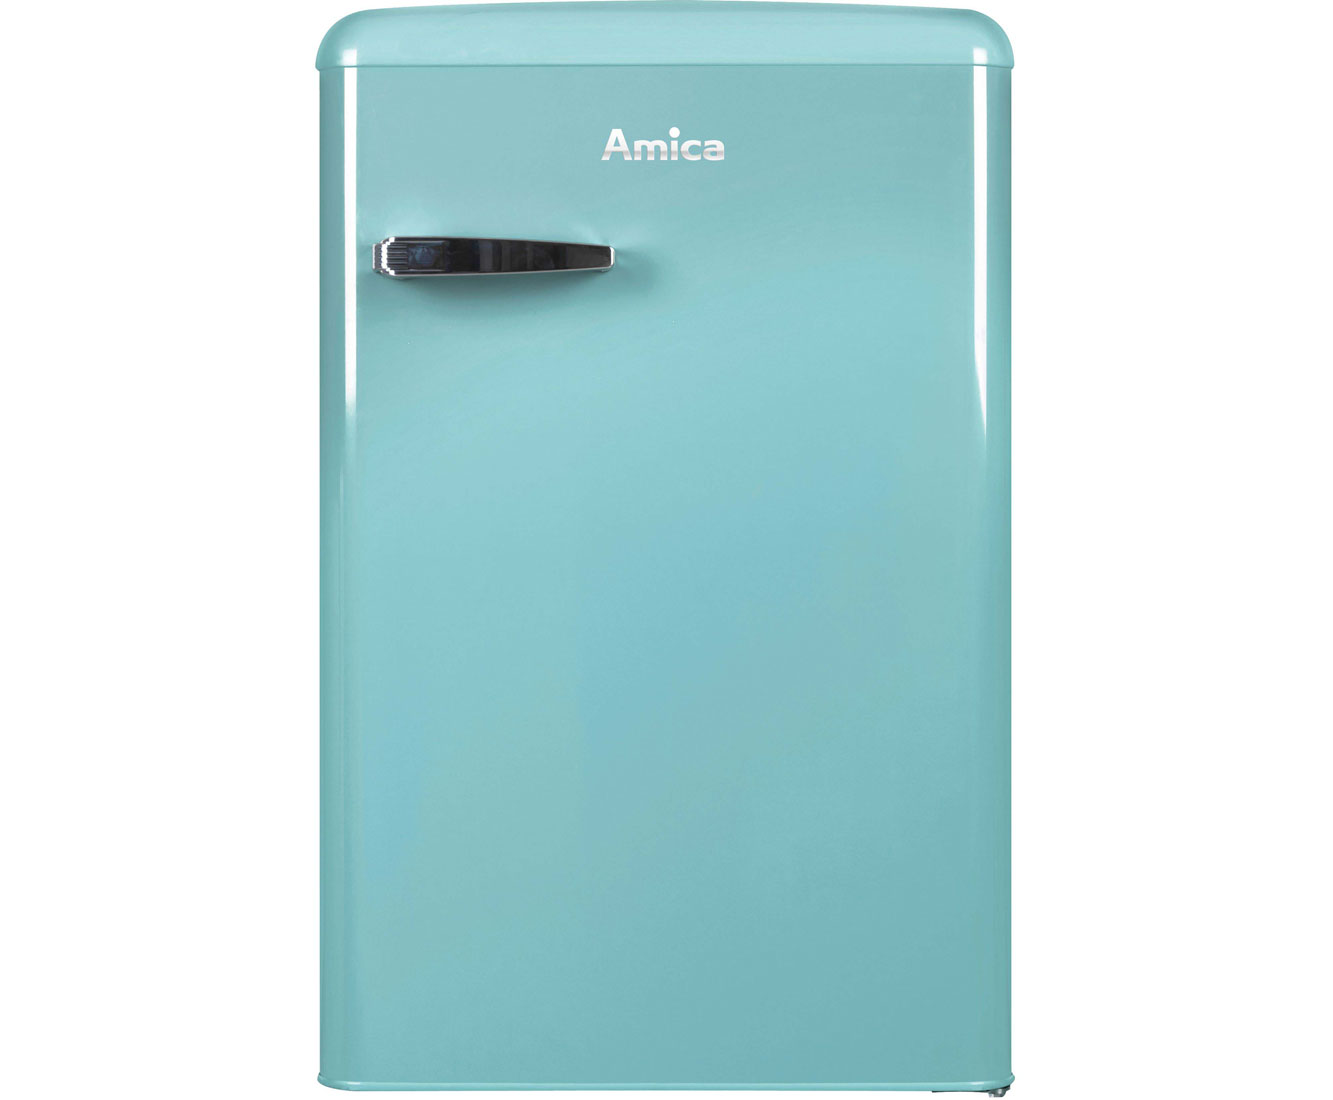 Amica Kühlschrank Mit Gefrierfach Retro : Amica retro design ks 15612 t kühlschrank mit gefrierfach